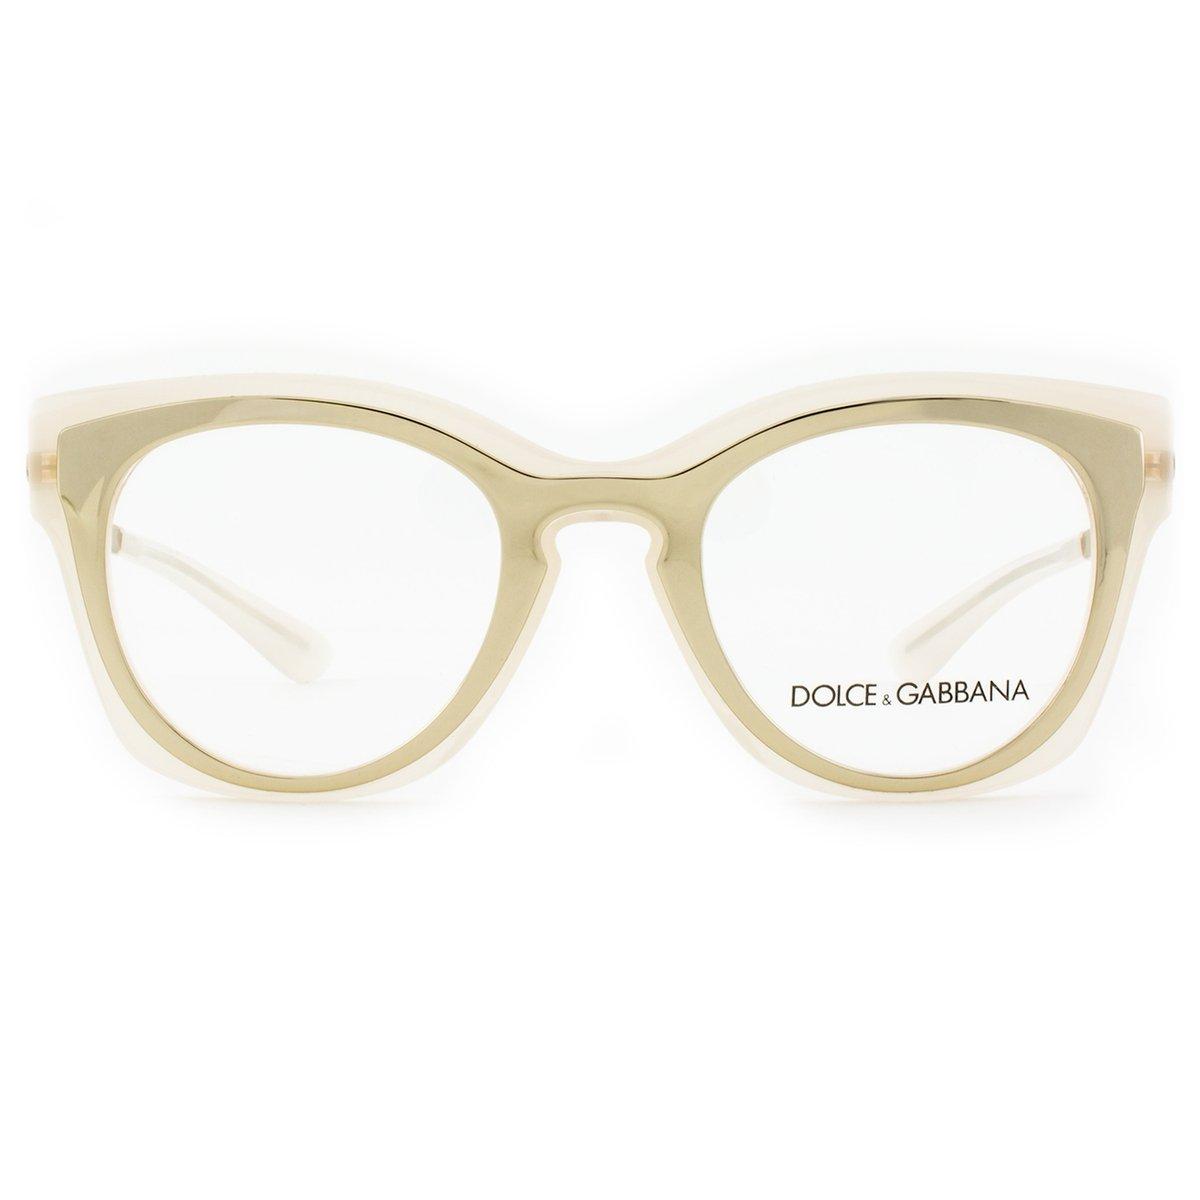 0e8c7ebe7818d Armação Óculos de Grau Dolce e Gabbana DG5020 3043-48 - Compre Agora    Zattini